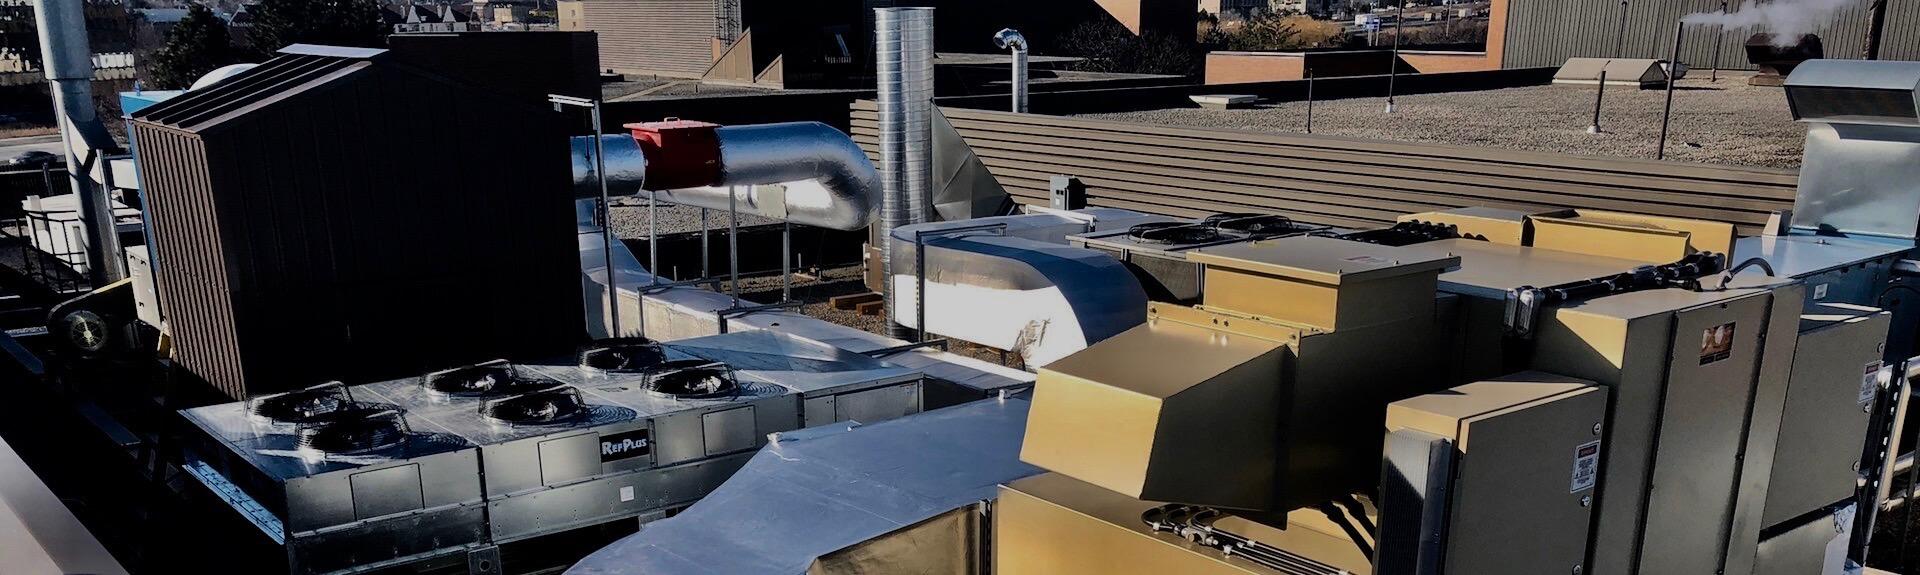 Vue du système CVAC sur le toit d'un édifice, industrie pharmaceutique